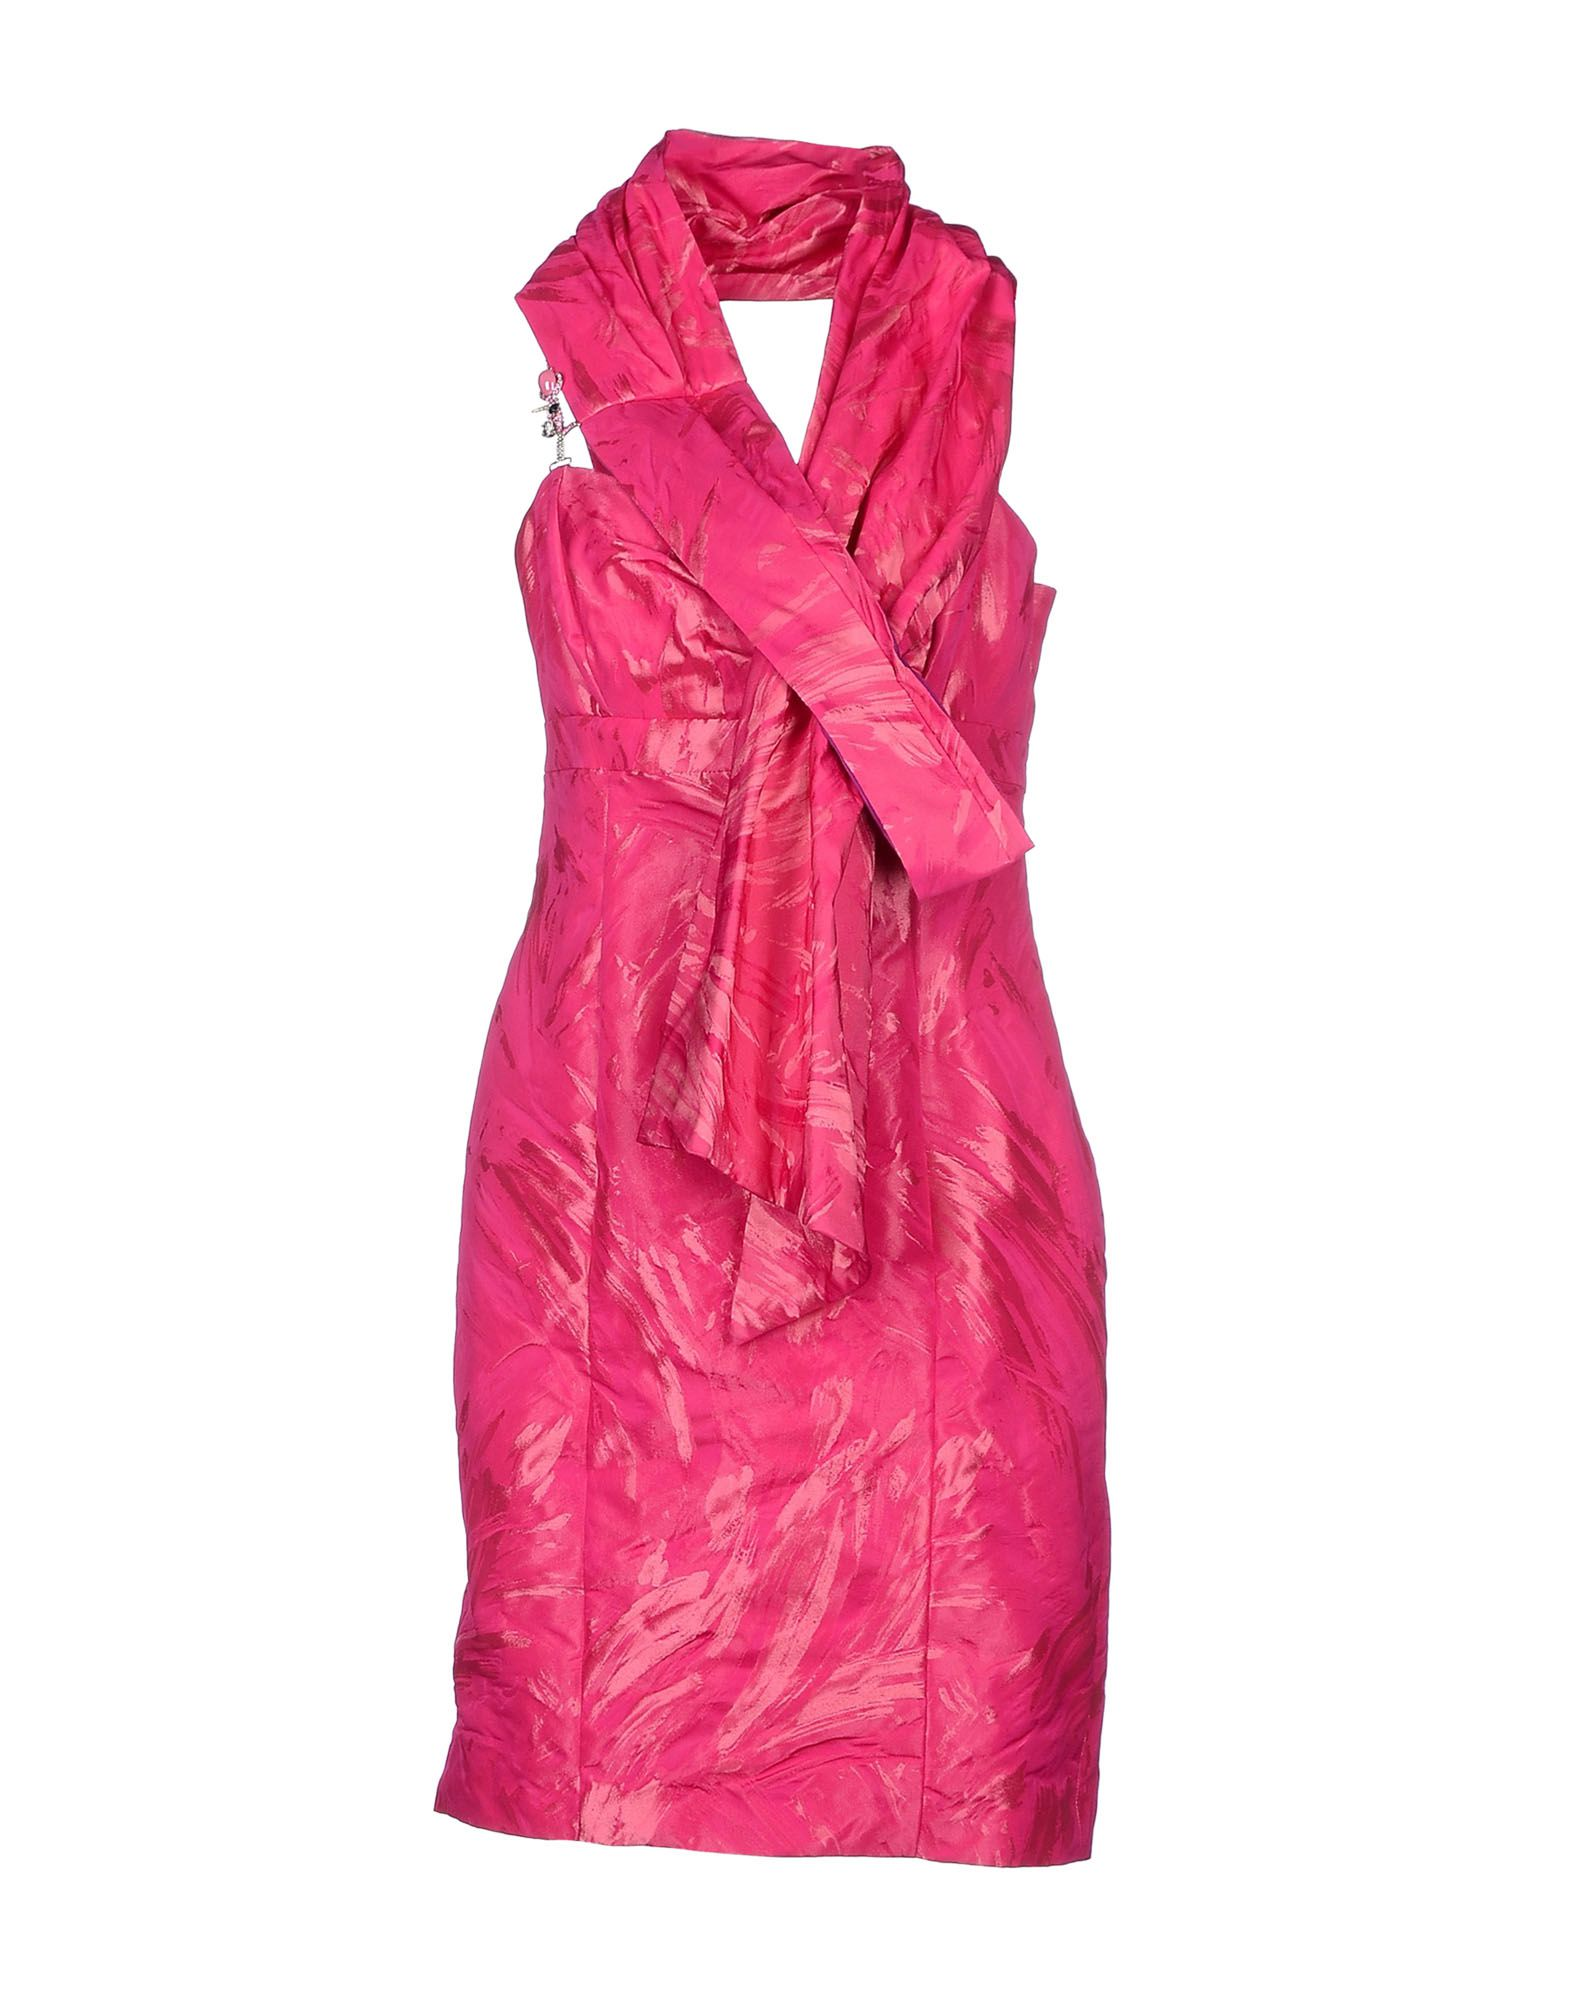 CARLO PIGNATELLI Short dresses